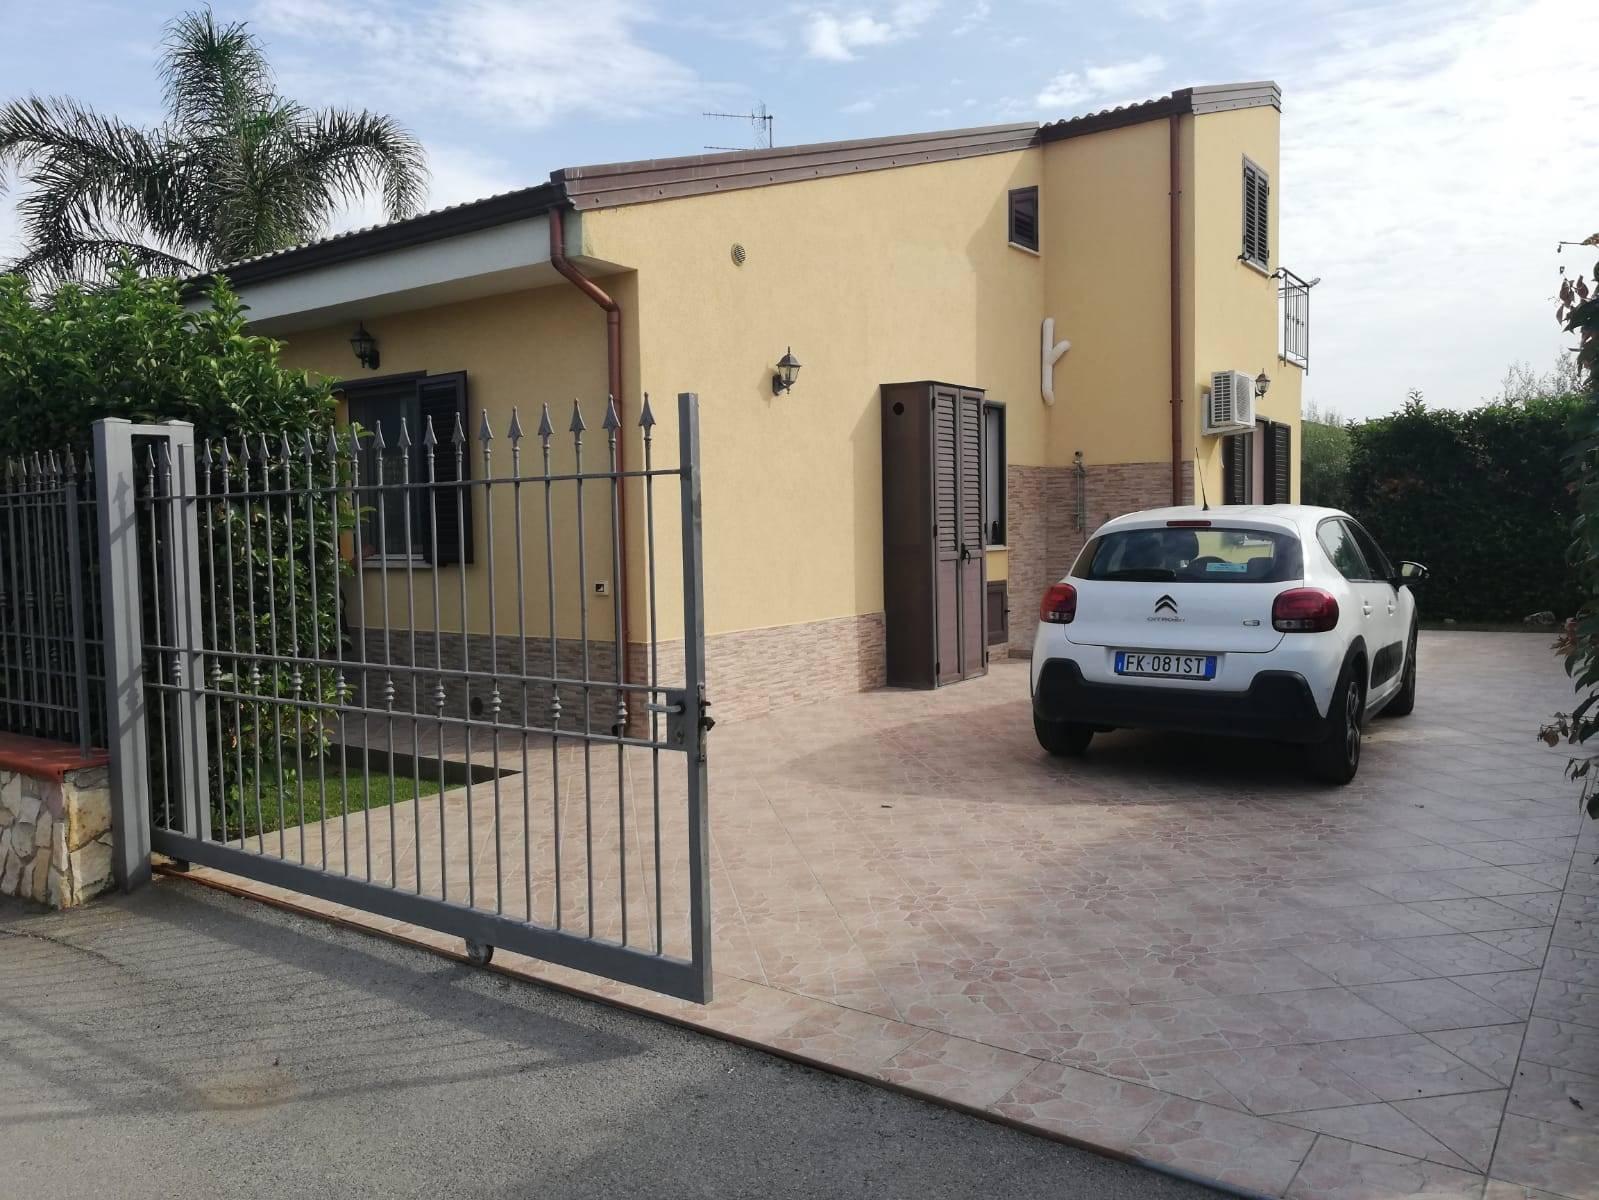 CAMPOFELICE DI ROCCELLA, Villa in affitto di 65 Mq, Buone condizioni, Riscaldamento Inesistente, Classe energetica: G, posto al piano Terra, composto